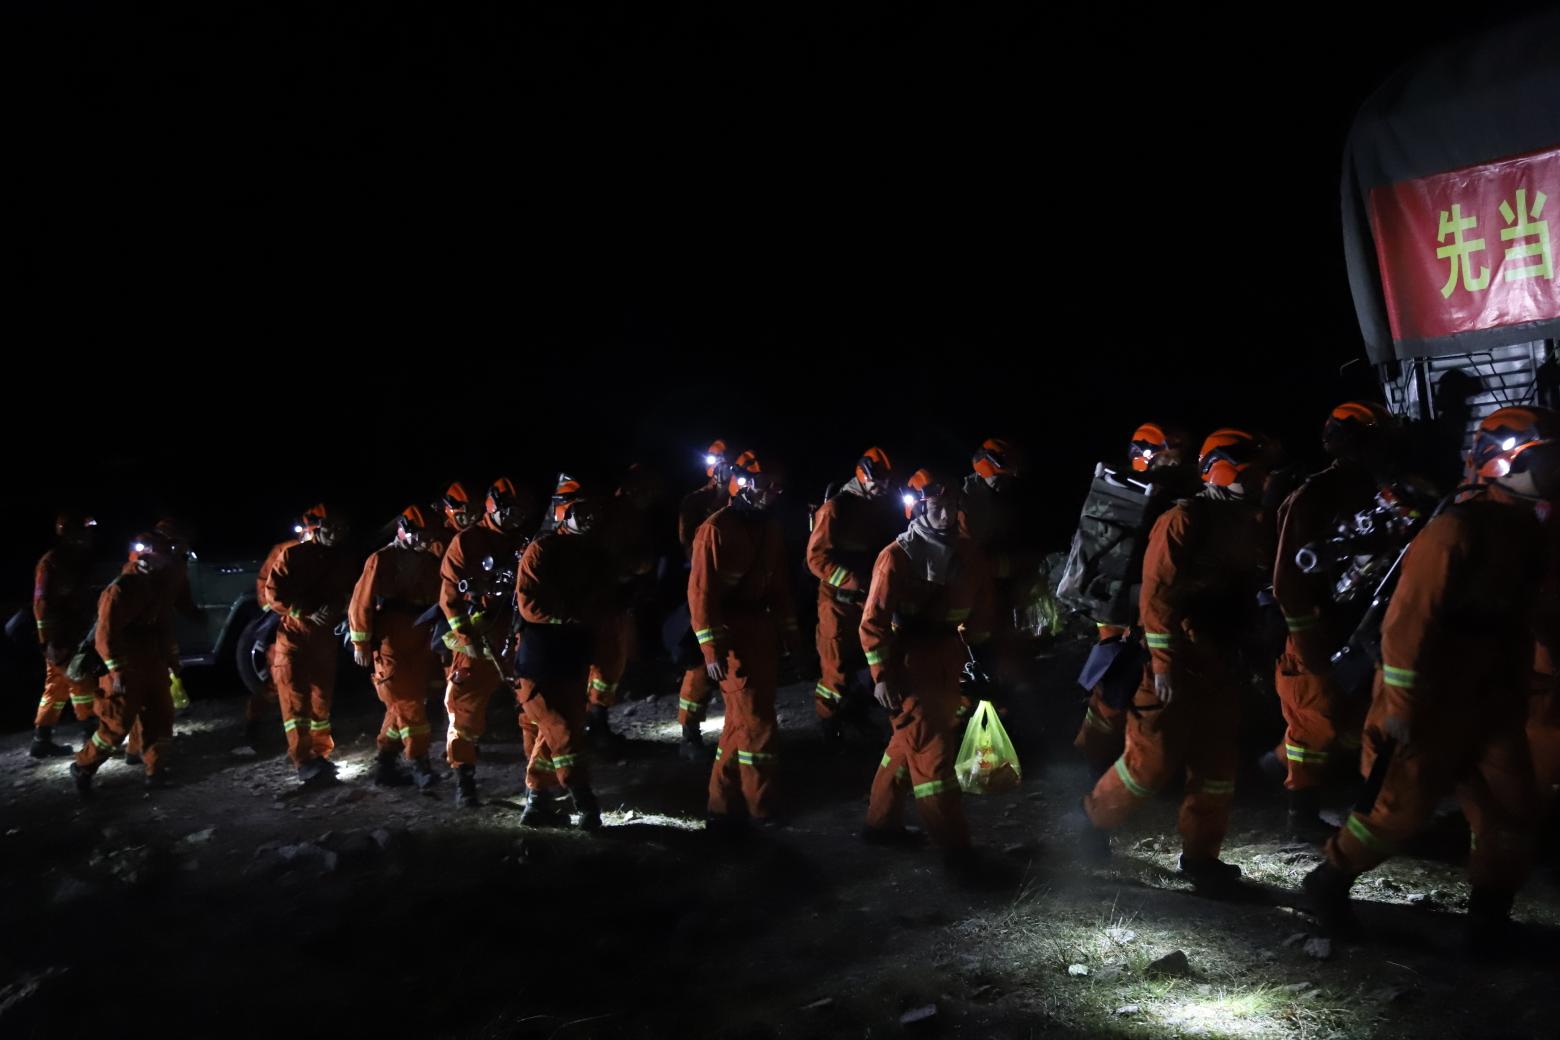 9日早晨4点,阿坝森林消防支队的指战员背着熄灭装备向火场挨近。 阿坝森林消防支队报道员卢耀强/摄